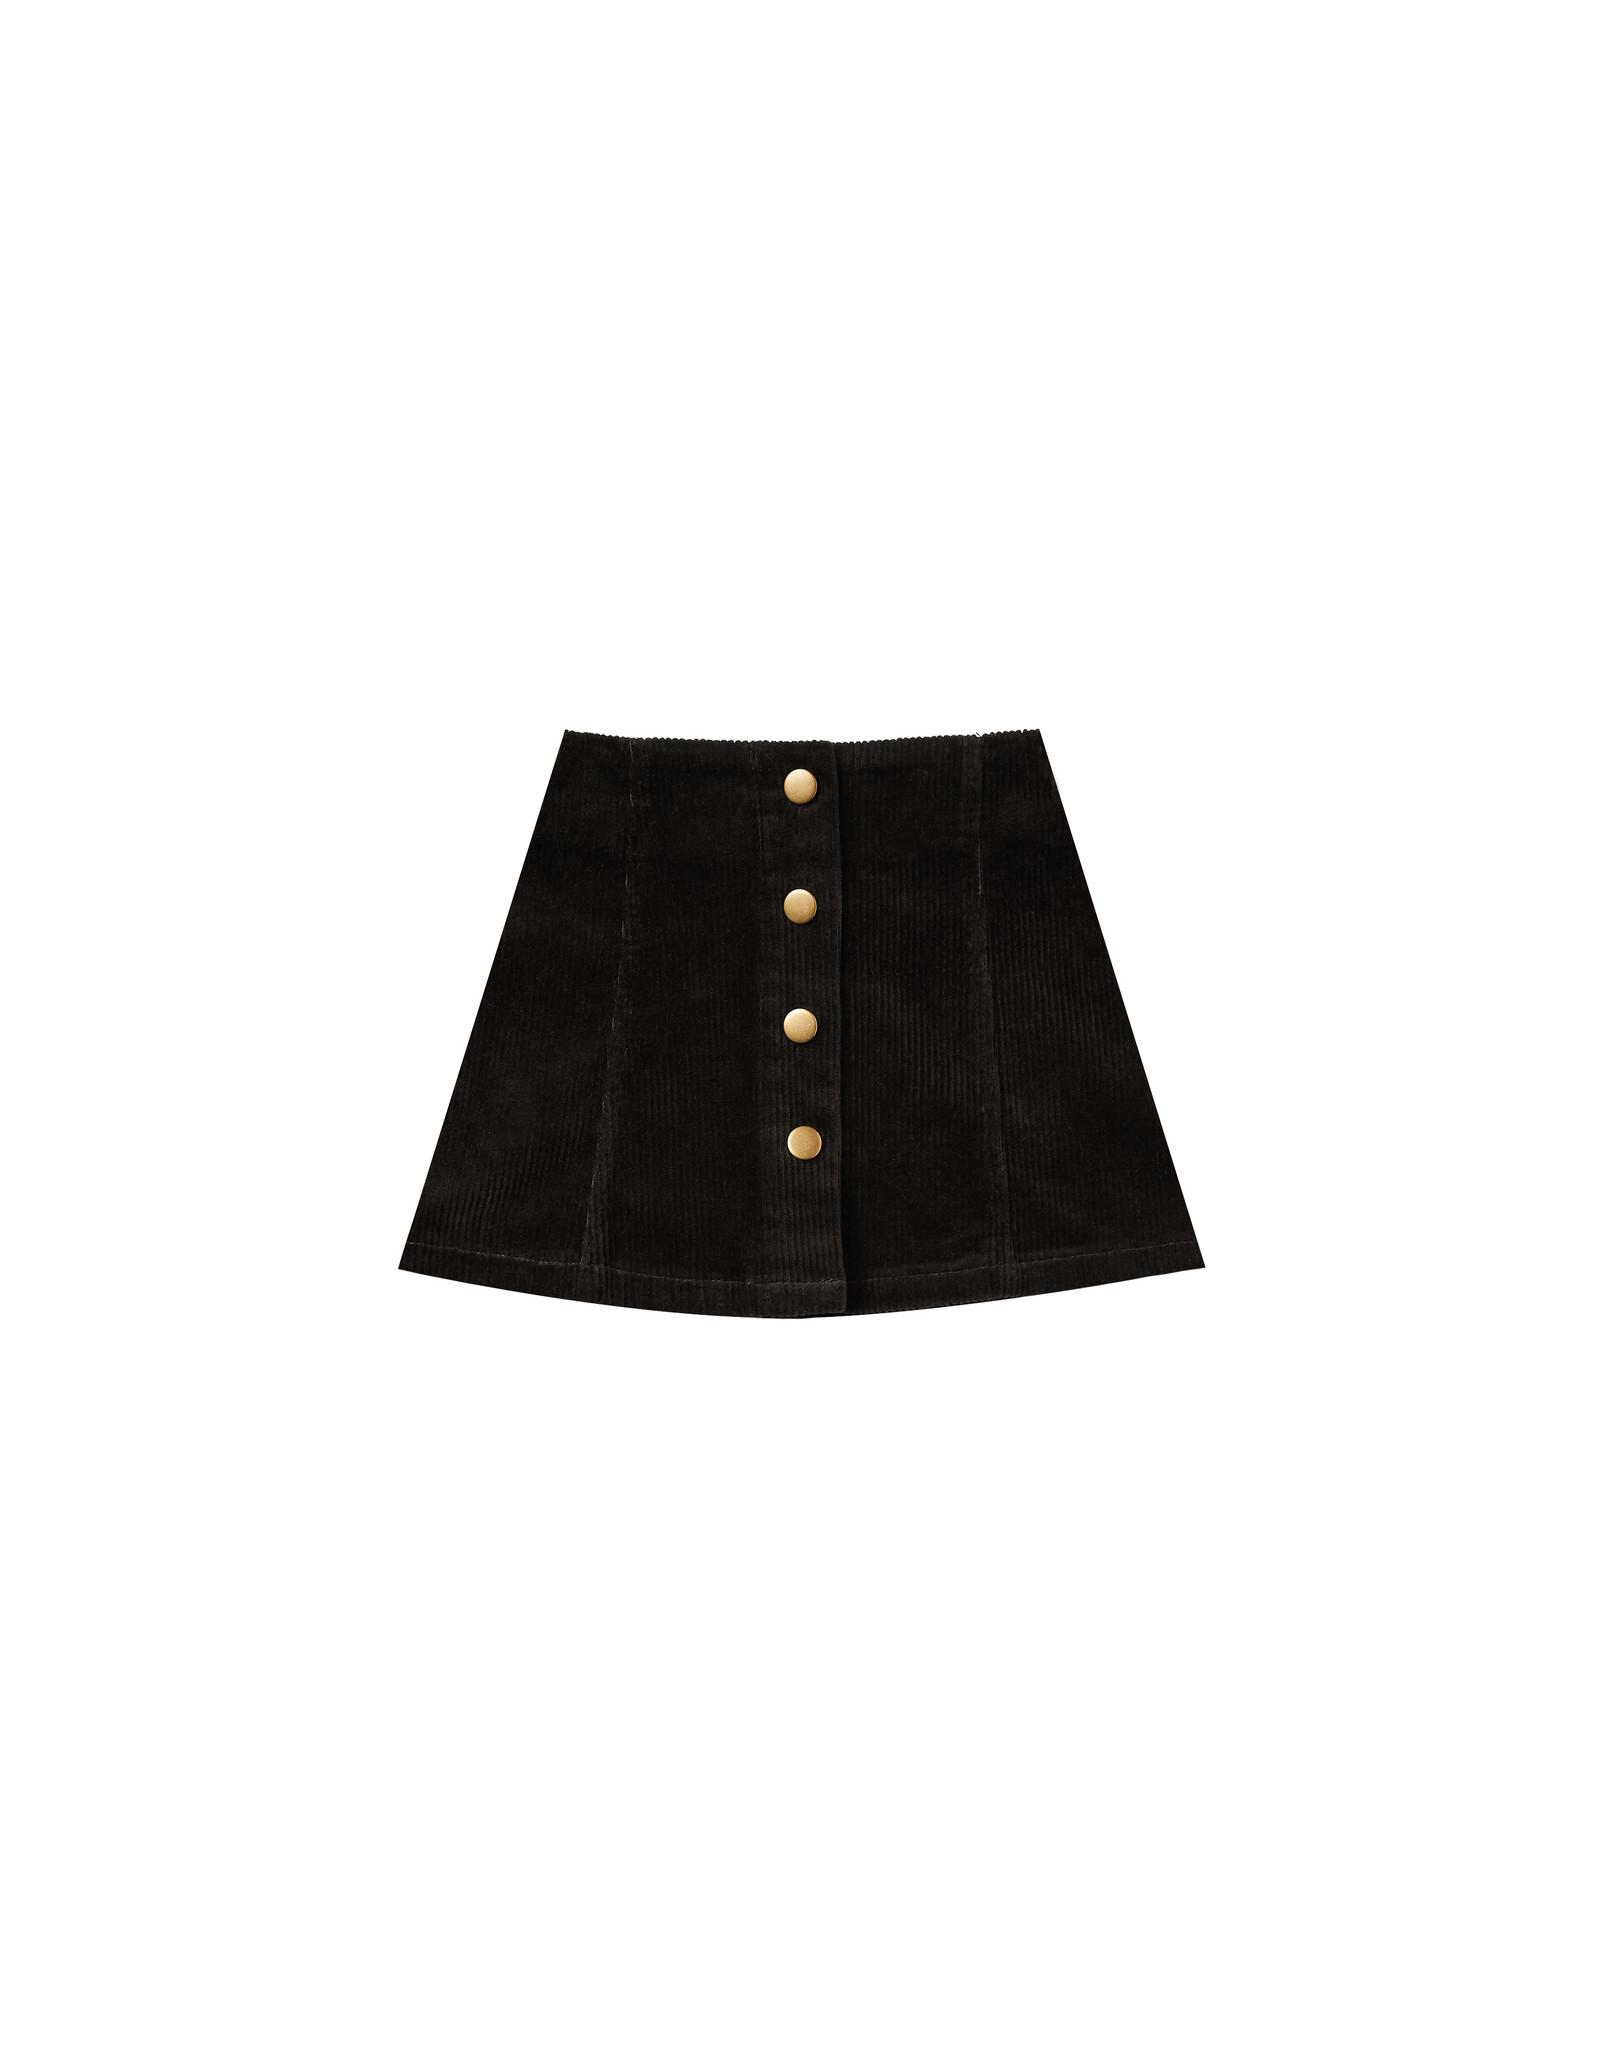 Rylee + Cru Corduroy Mini Skirt - Vintage Black